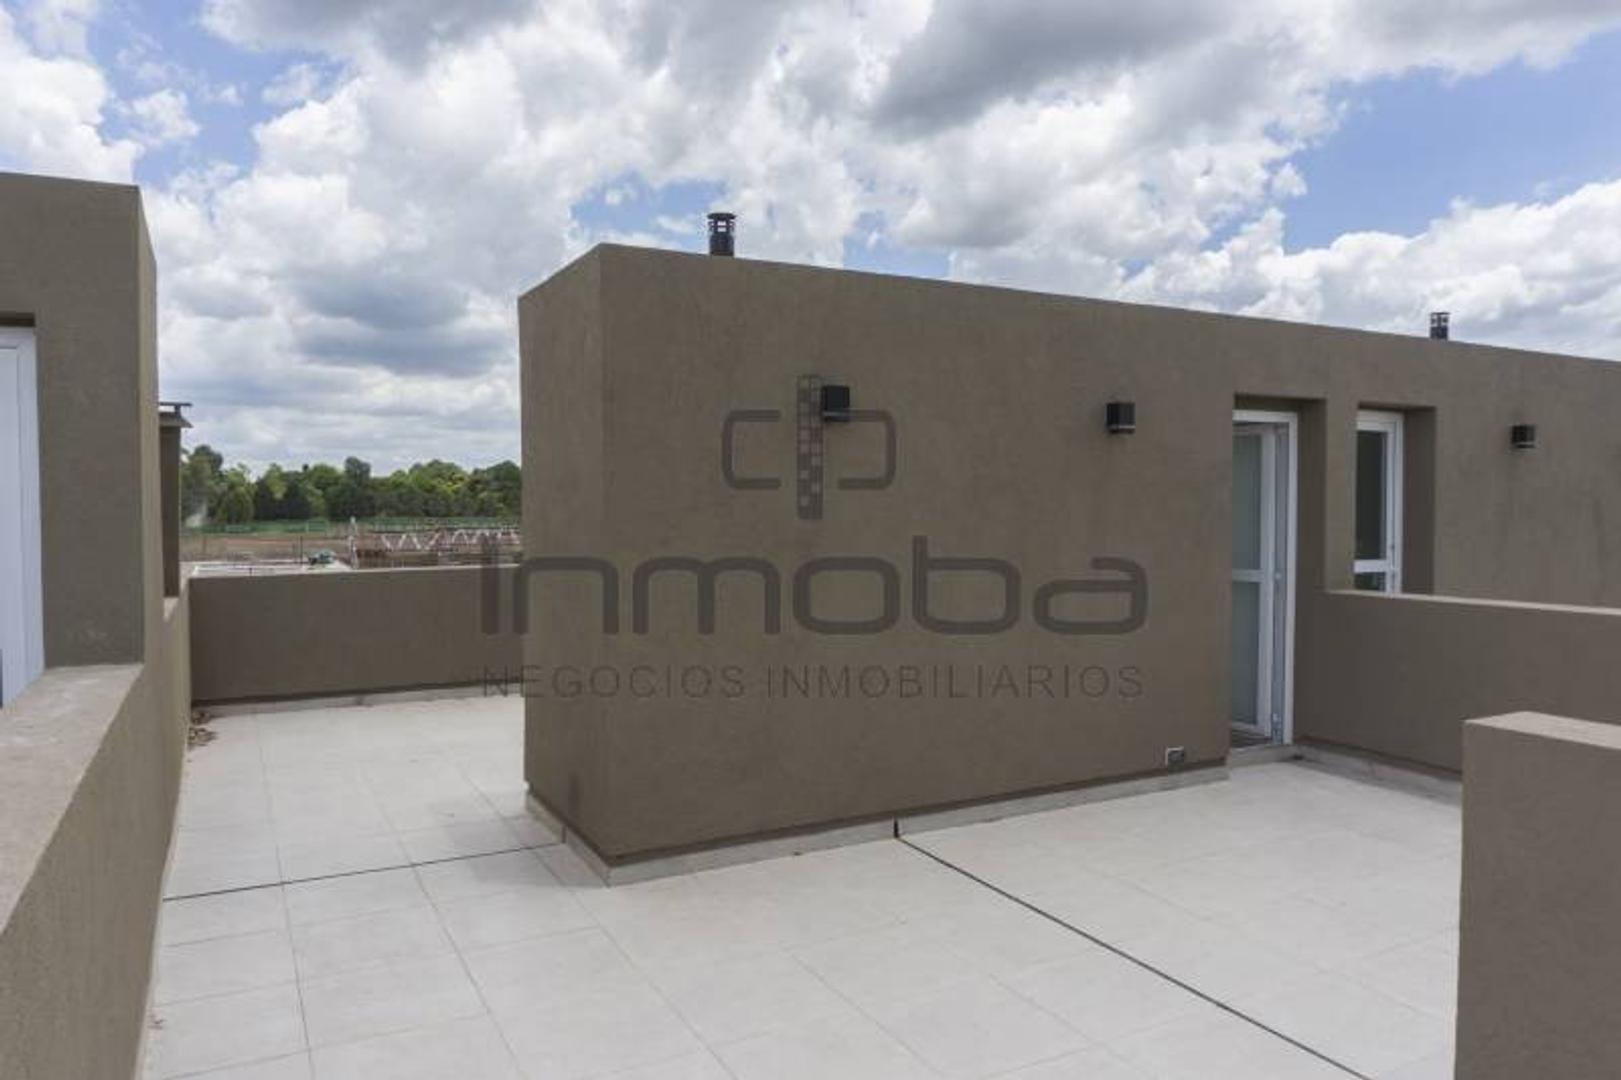 Inmoba - Lagoon; Casa en Venta en Construcción